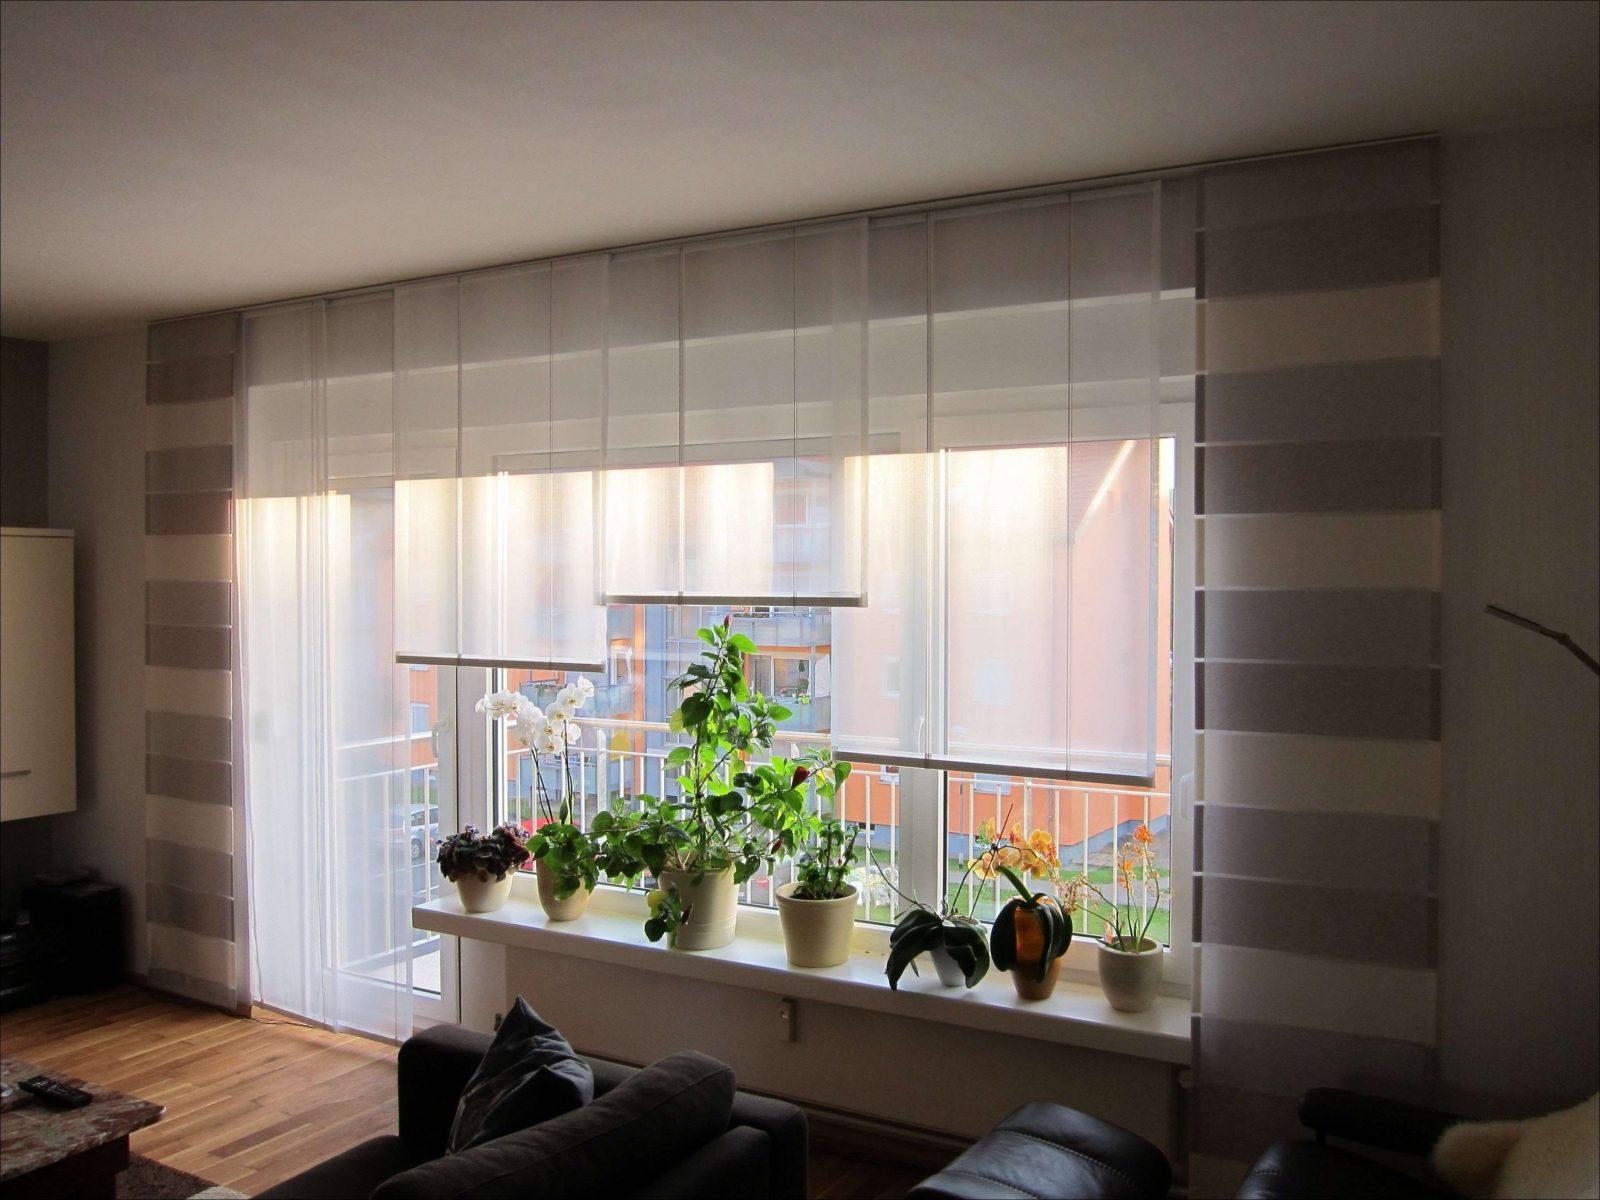 wenn zwischen fenster und balkont r ein st ck maer w re s he das von gardinen f r gro es fenster. Black Bedroom Furniture Sets. Home Design Ideas